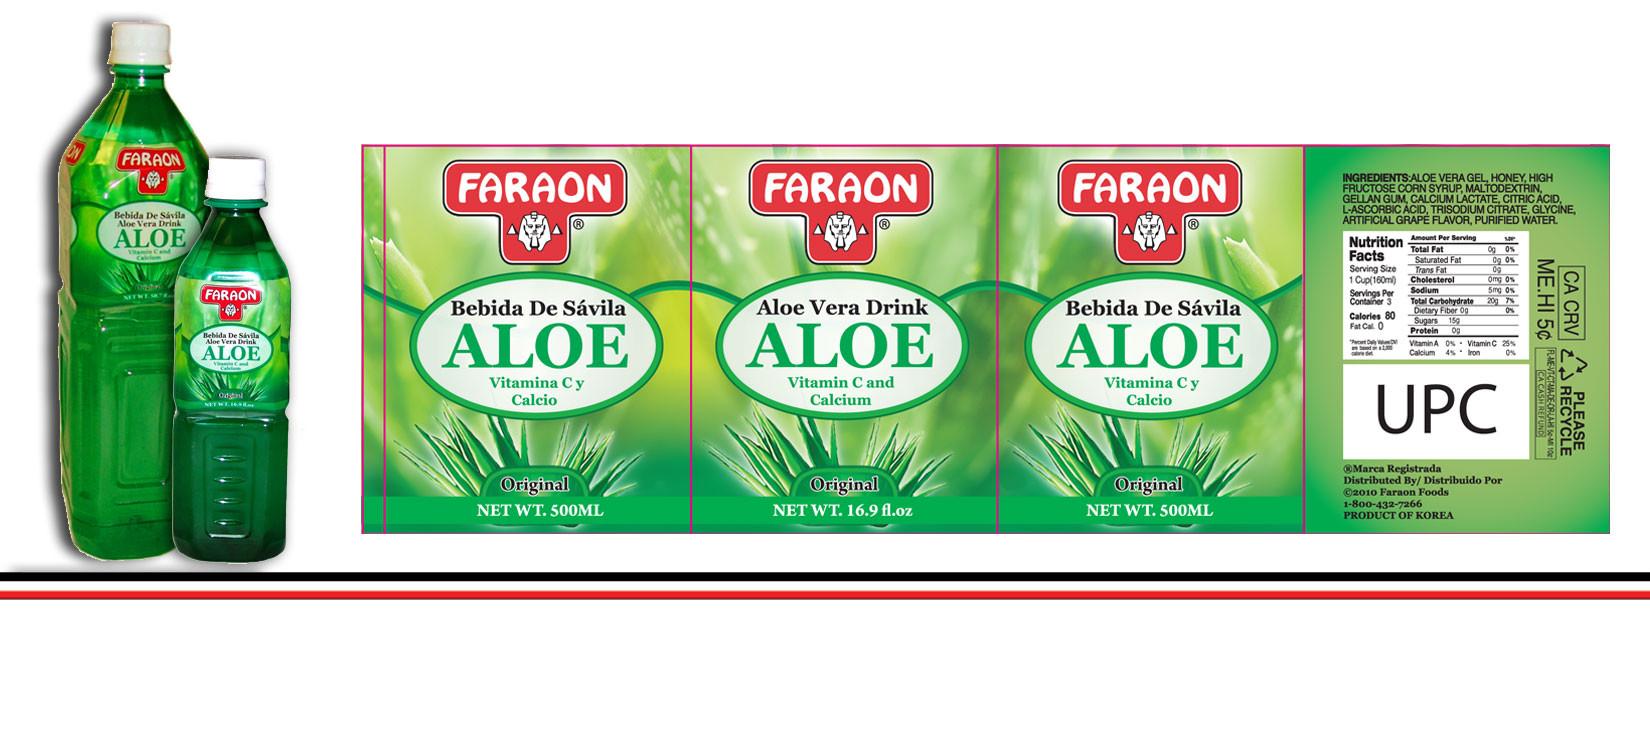 Faraon Aloe Original